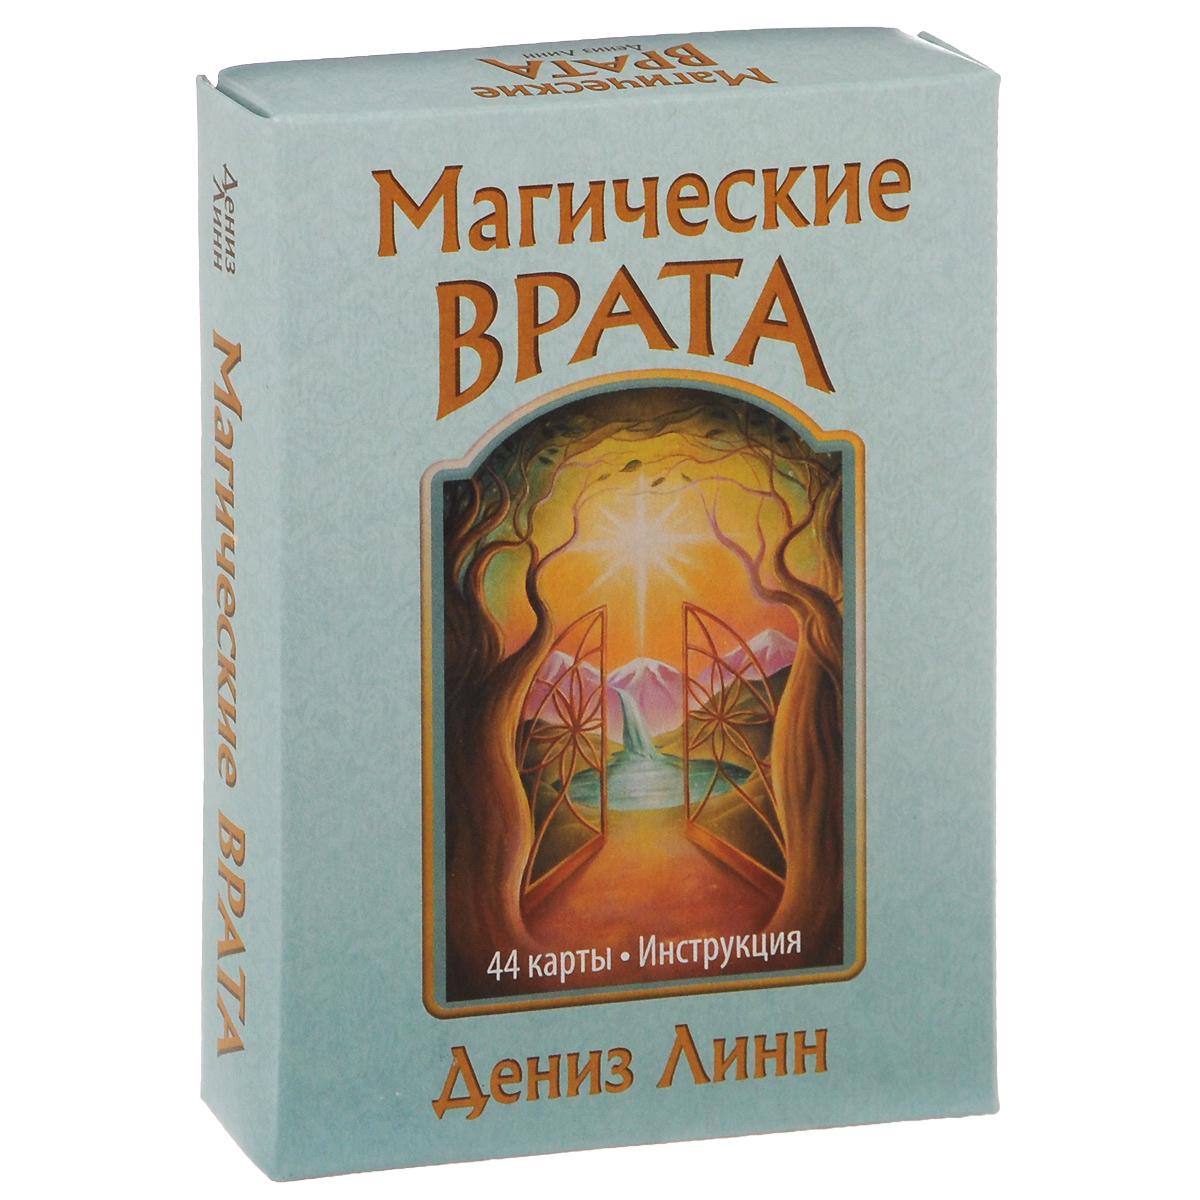 Магические врата (набор из 44 карт + инструкция) #1